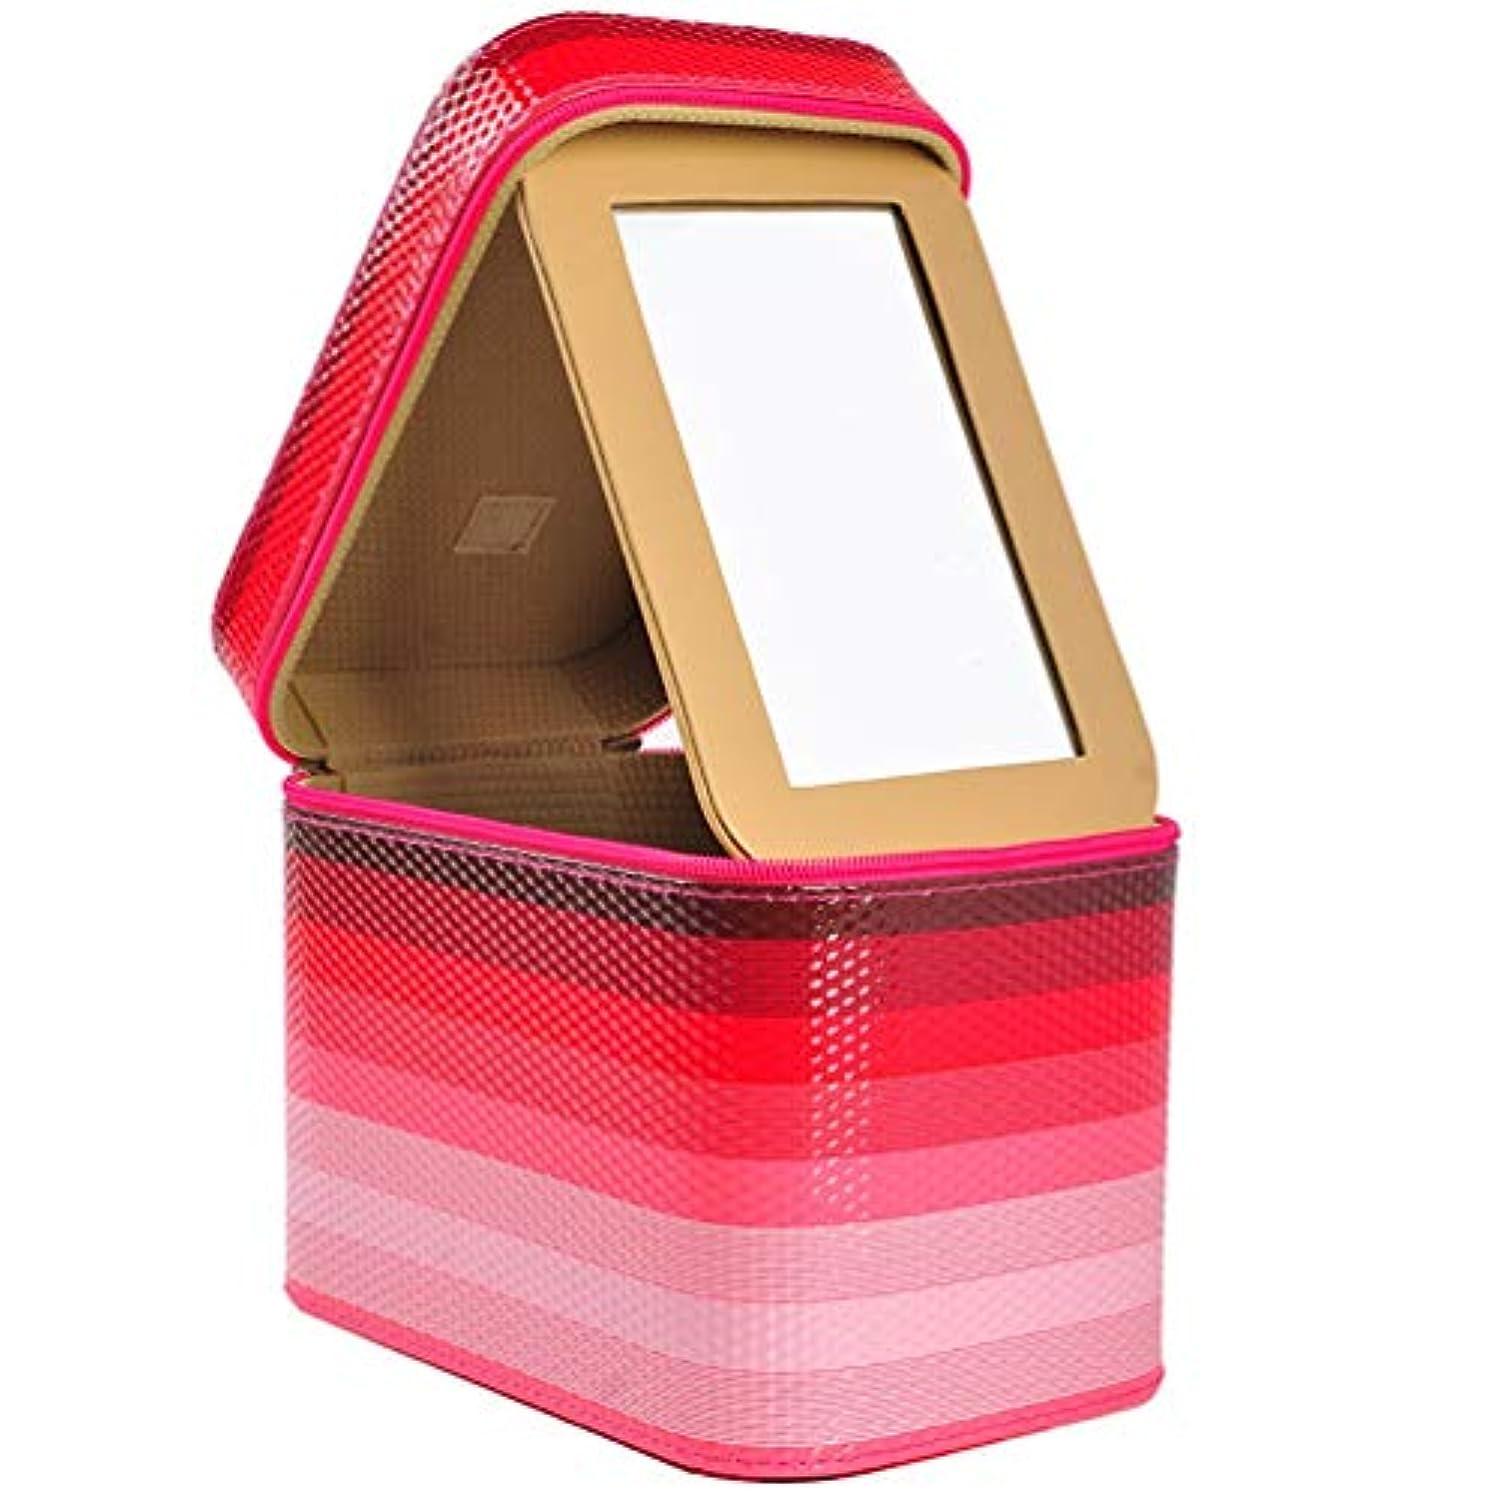 ダブル敏感なフロンティア[カタク]メイクボックス コスメボックス 大容量 鏡付き 化粧ボックス おしゃれ 取っ手付 携帯便利 化粧道具 メイクブラシ 小物 出張 旅行 機能的 PUレザー プロ仕様 きらきら 化粧ポーチ コスメBOX